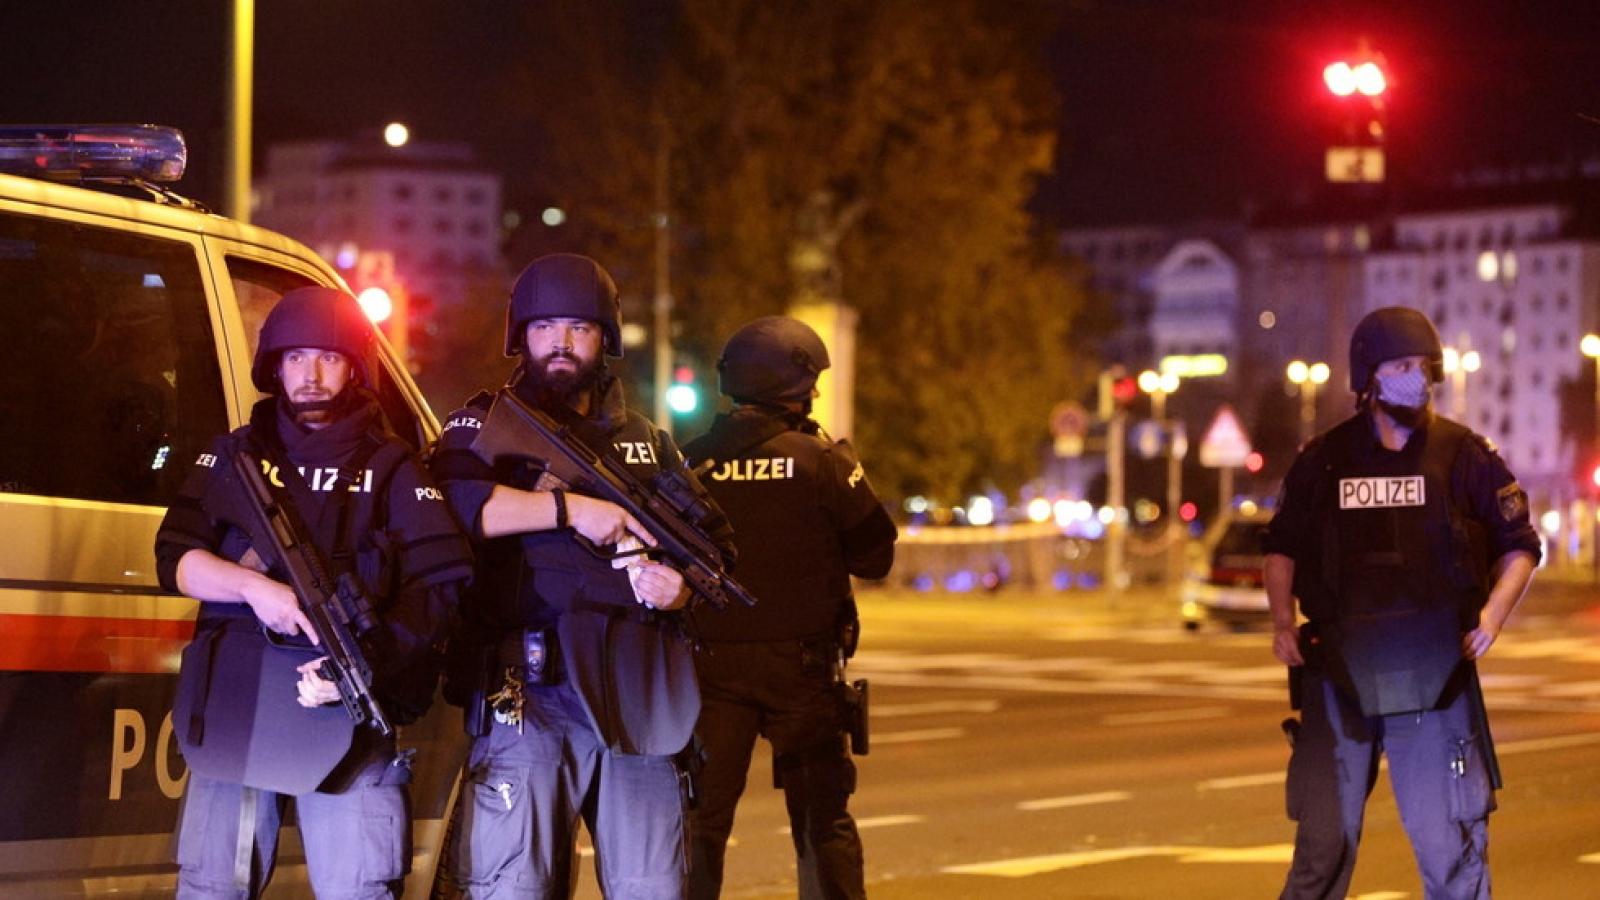 Thủ tướng Áo và lãnh đạo các quốc gia EU lên tiếng về vụ khủng bố ở Vienna